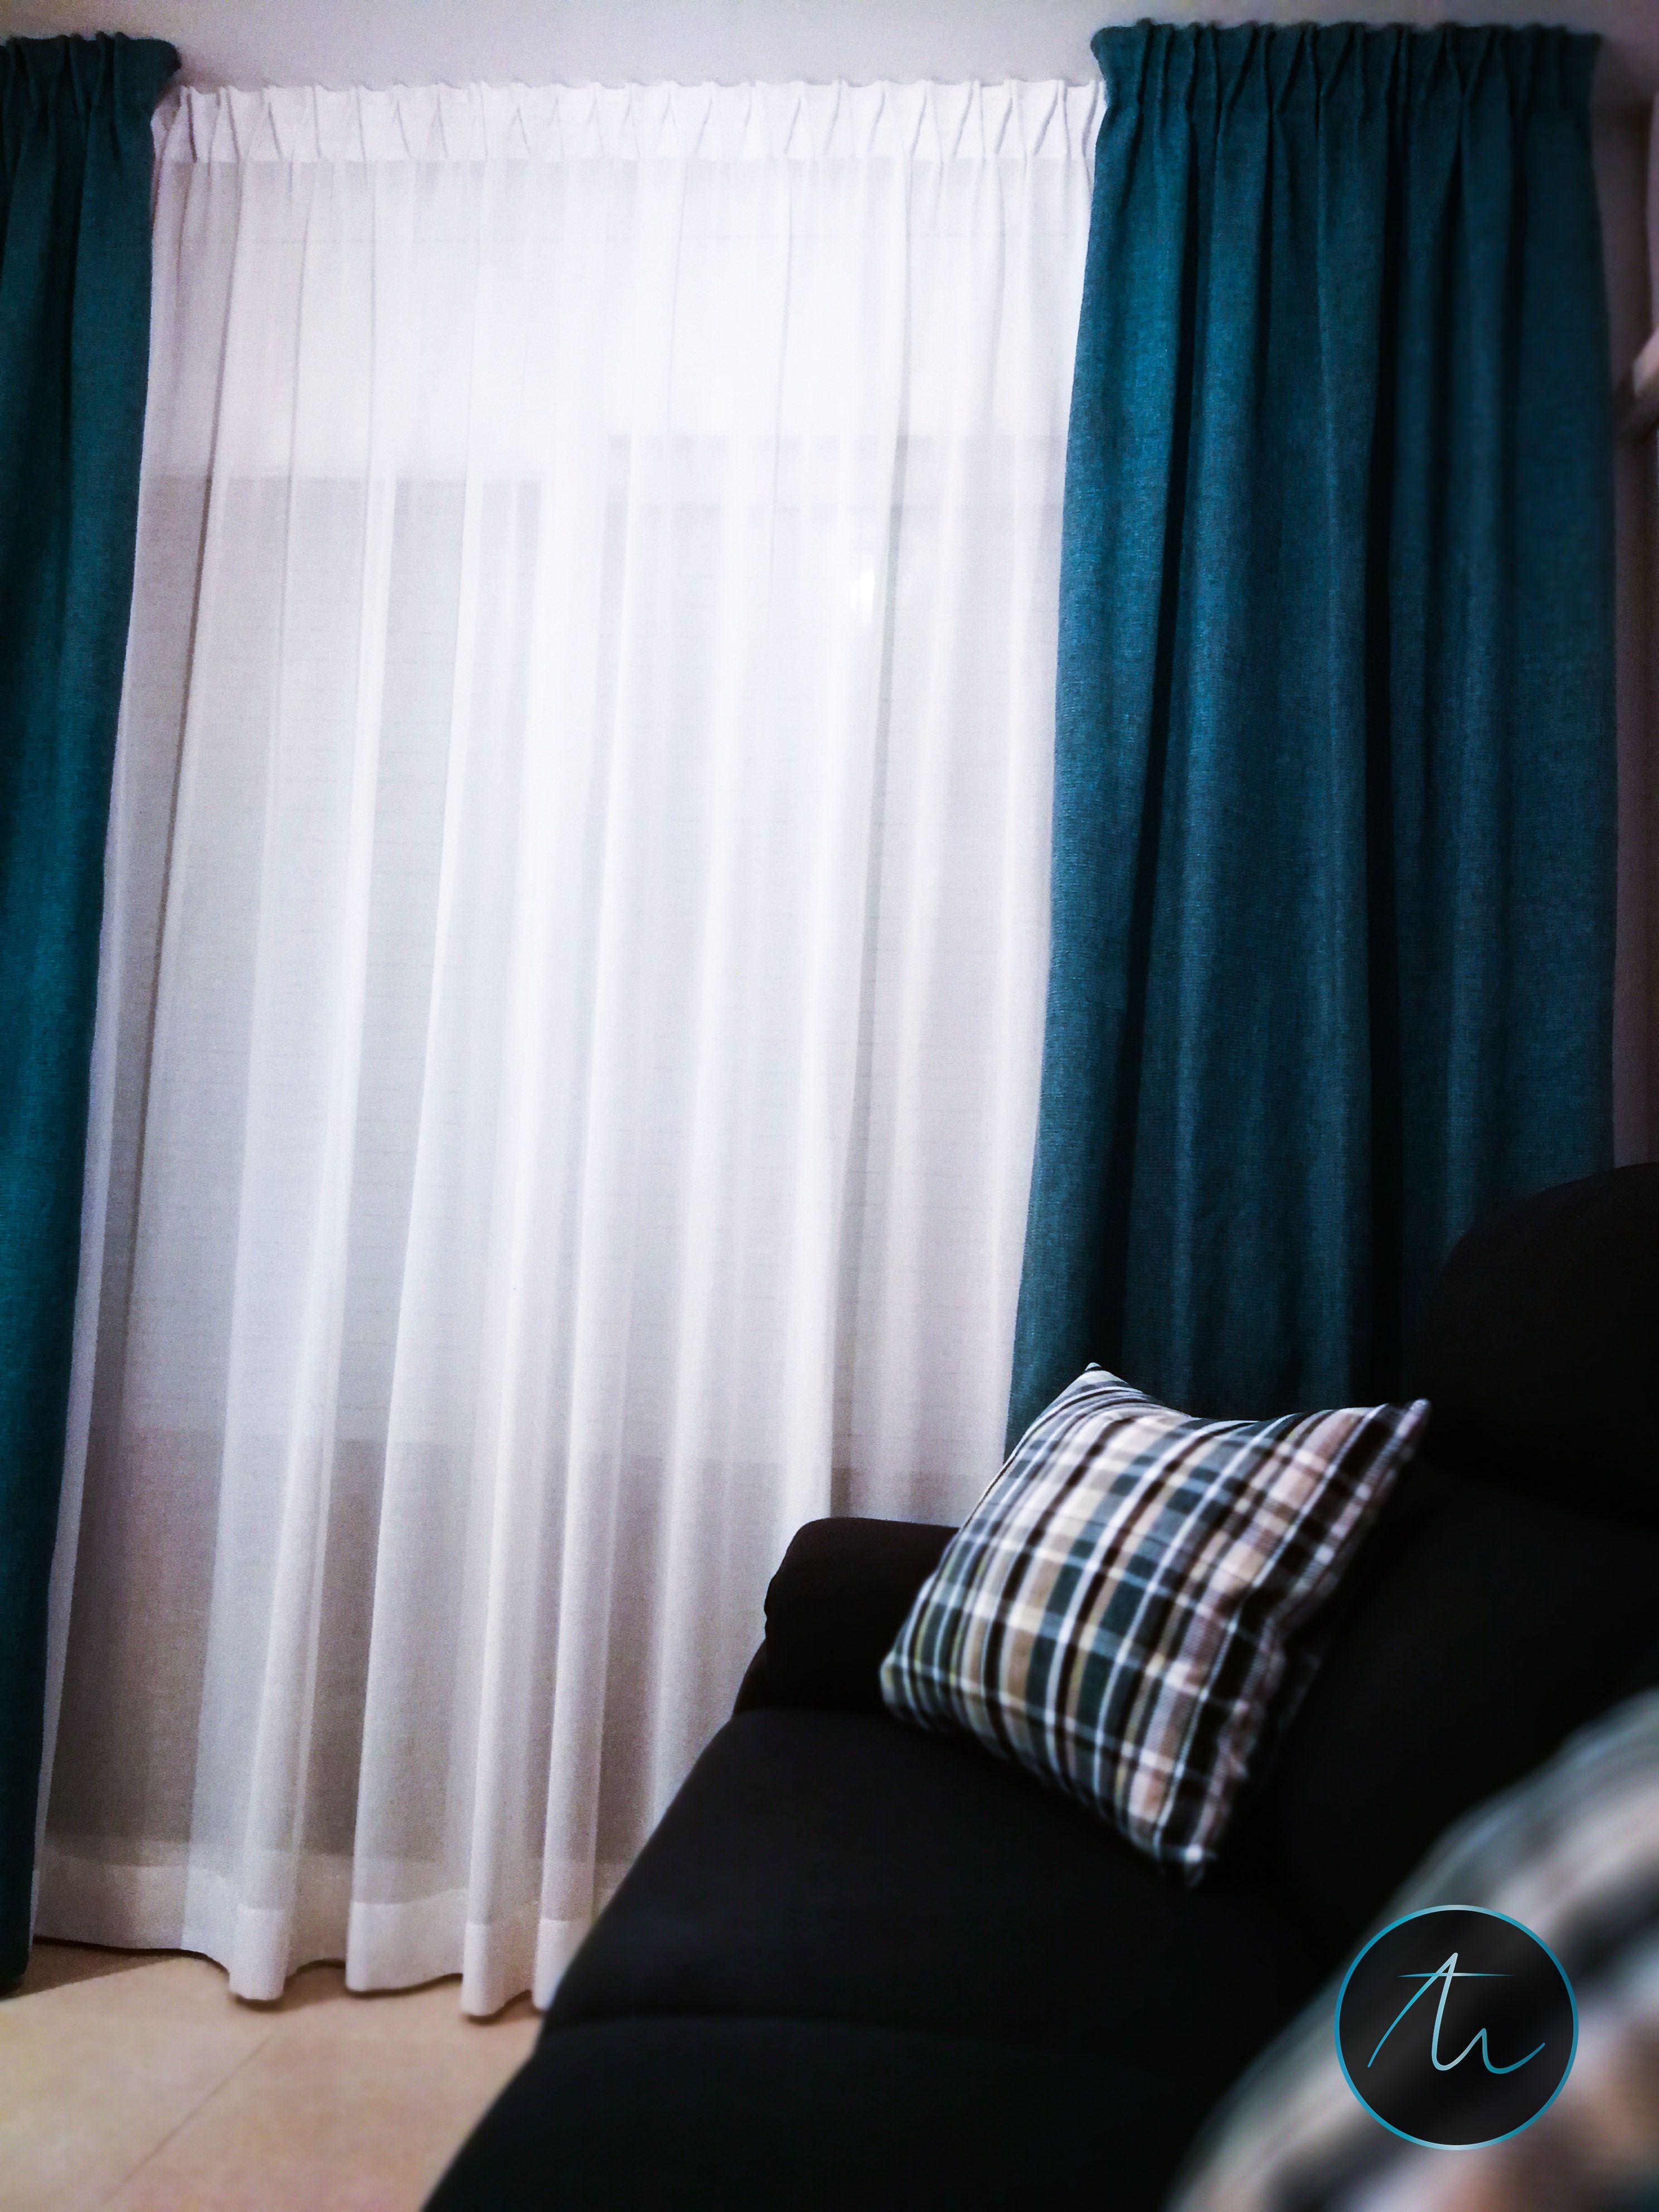 Comedor con cortina tradicional rizada y caidas en los laterales ...